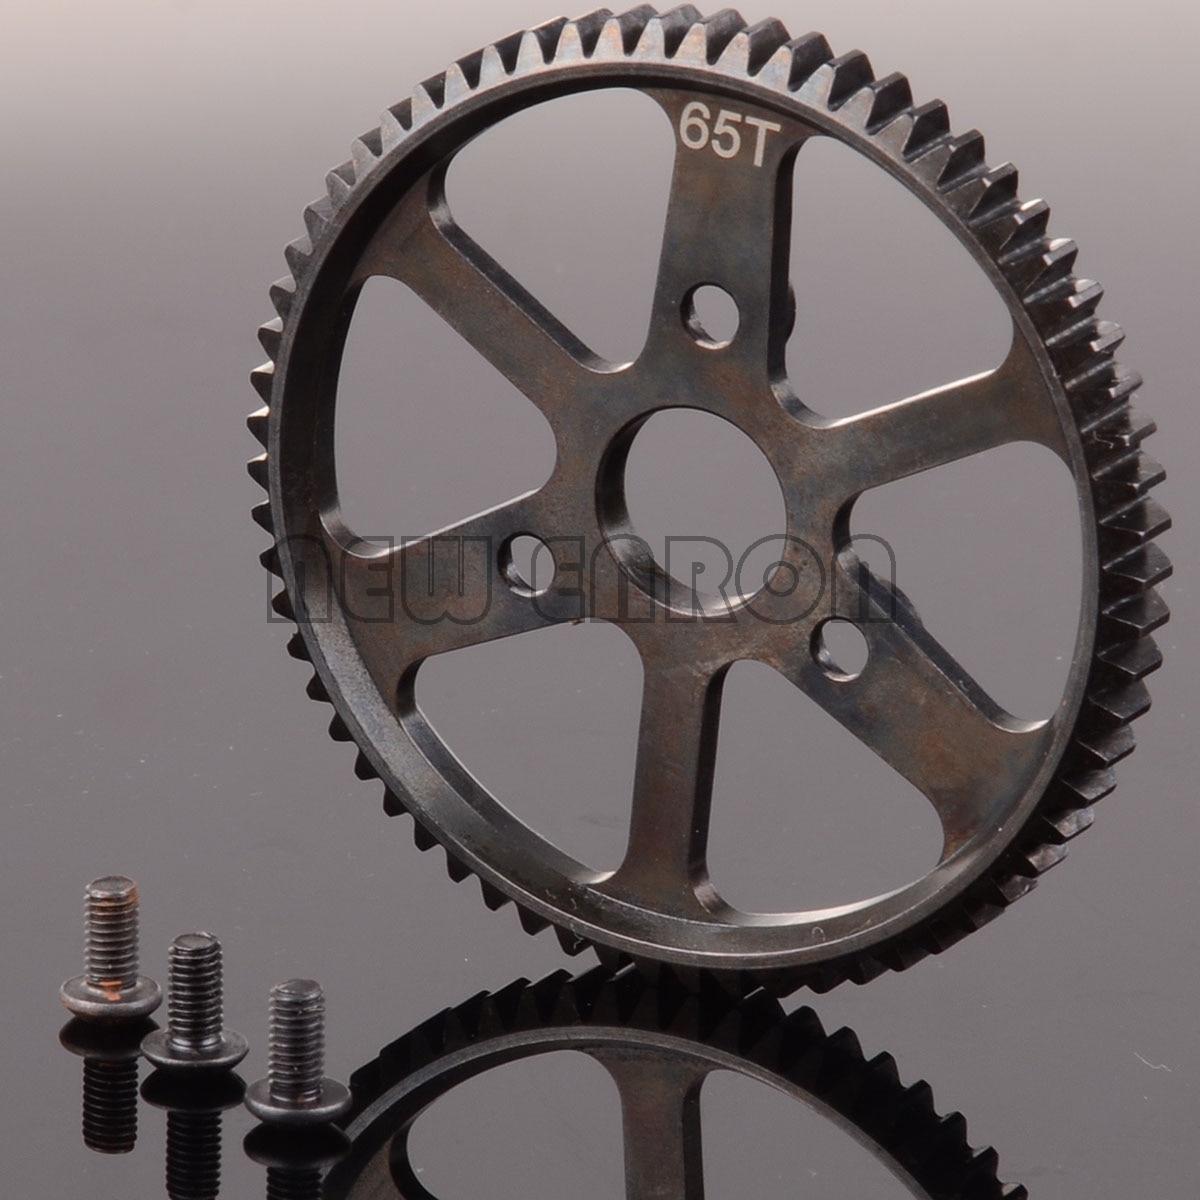 HD HARD STEEL MAIN GEAR 54T for Traxxas Stampede 4X4 Steel Main Gear